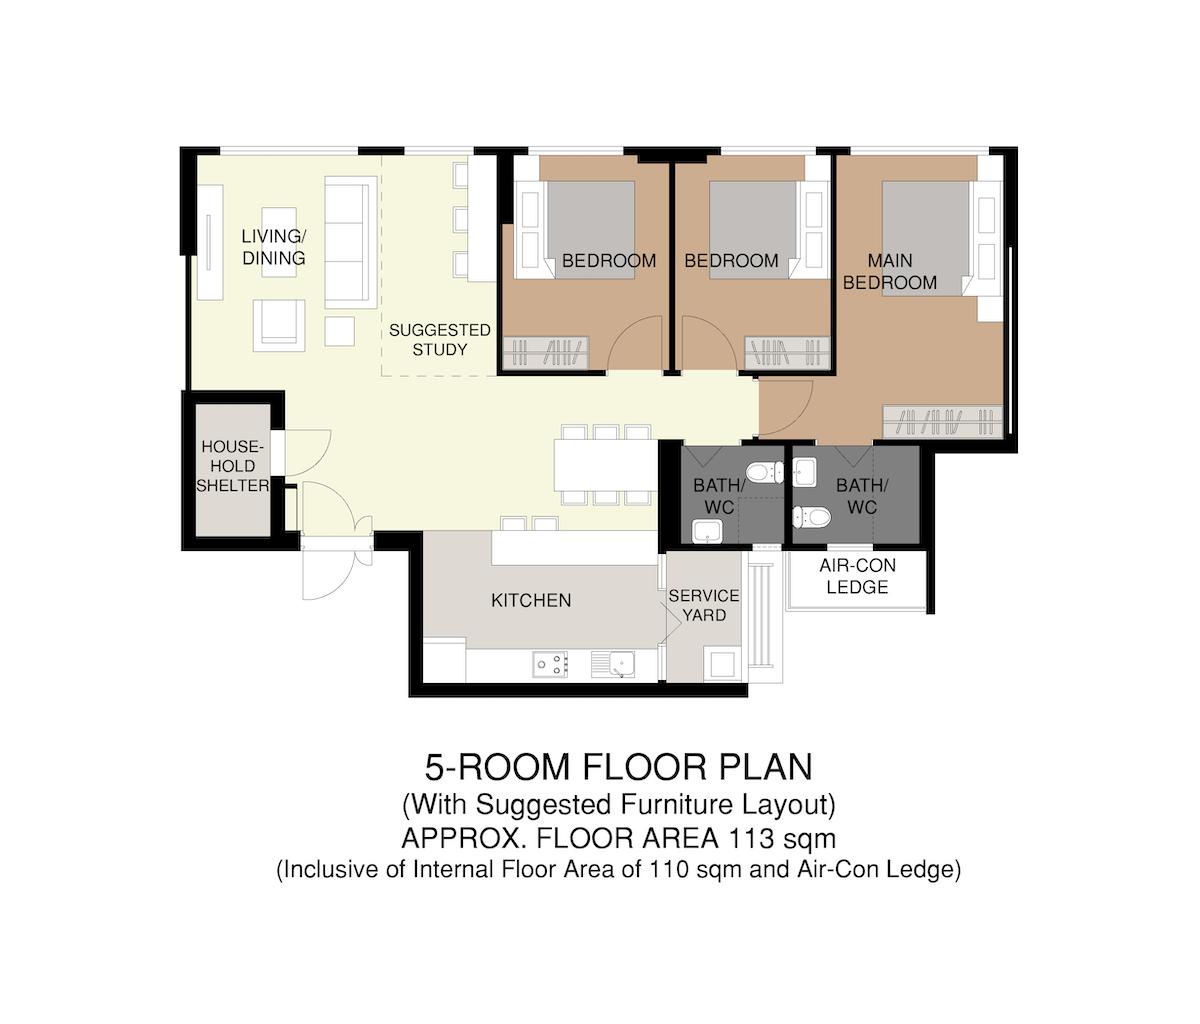 Punggol Point Crown Floor Plan 5-Room